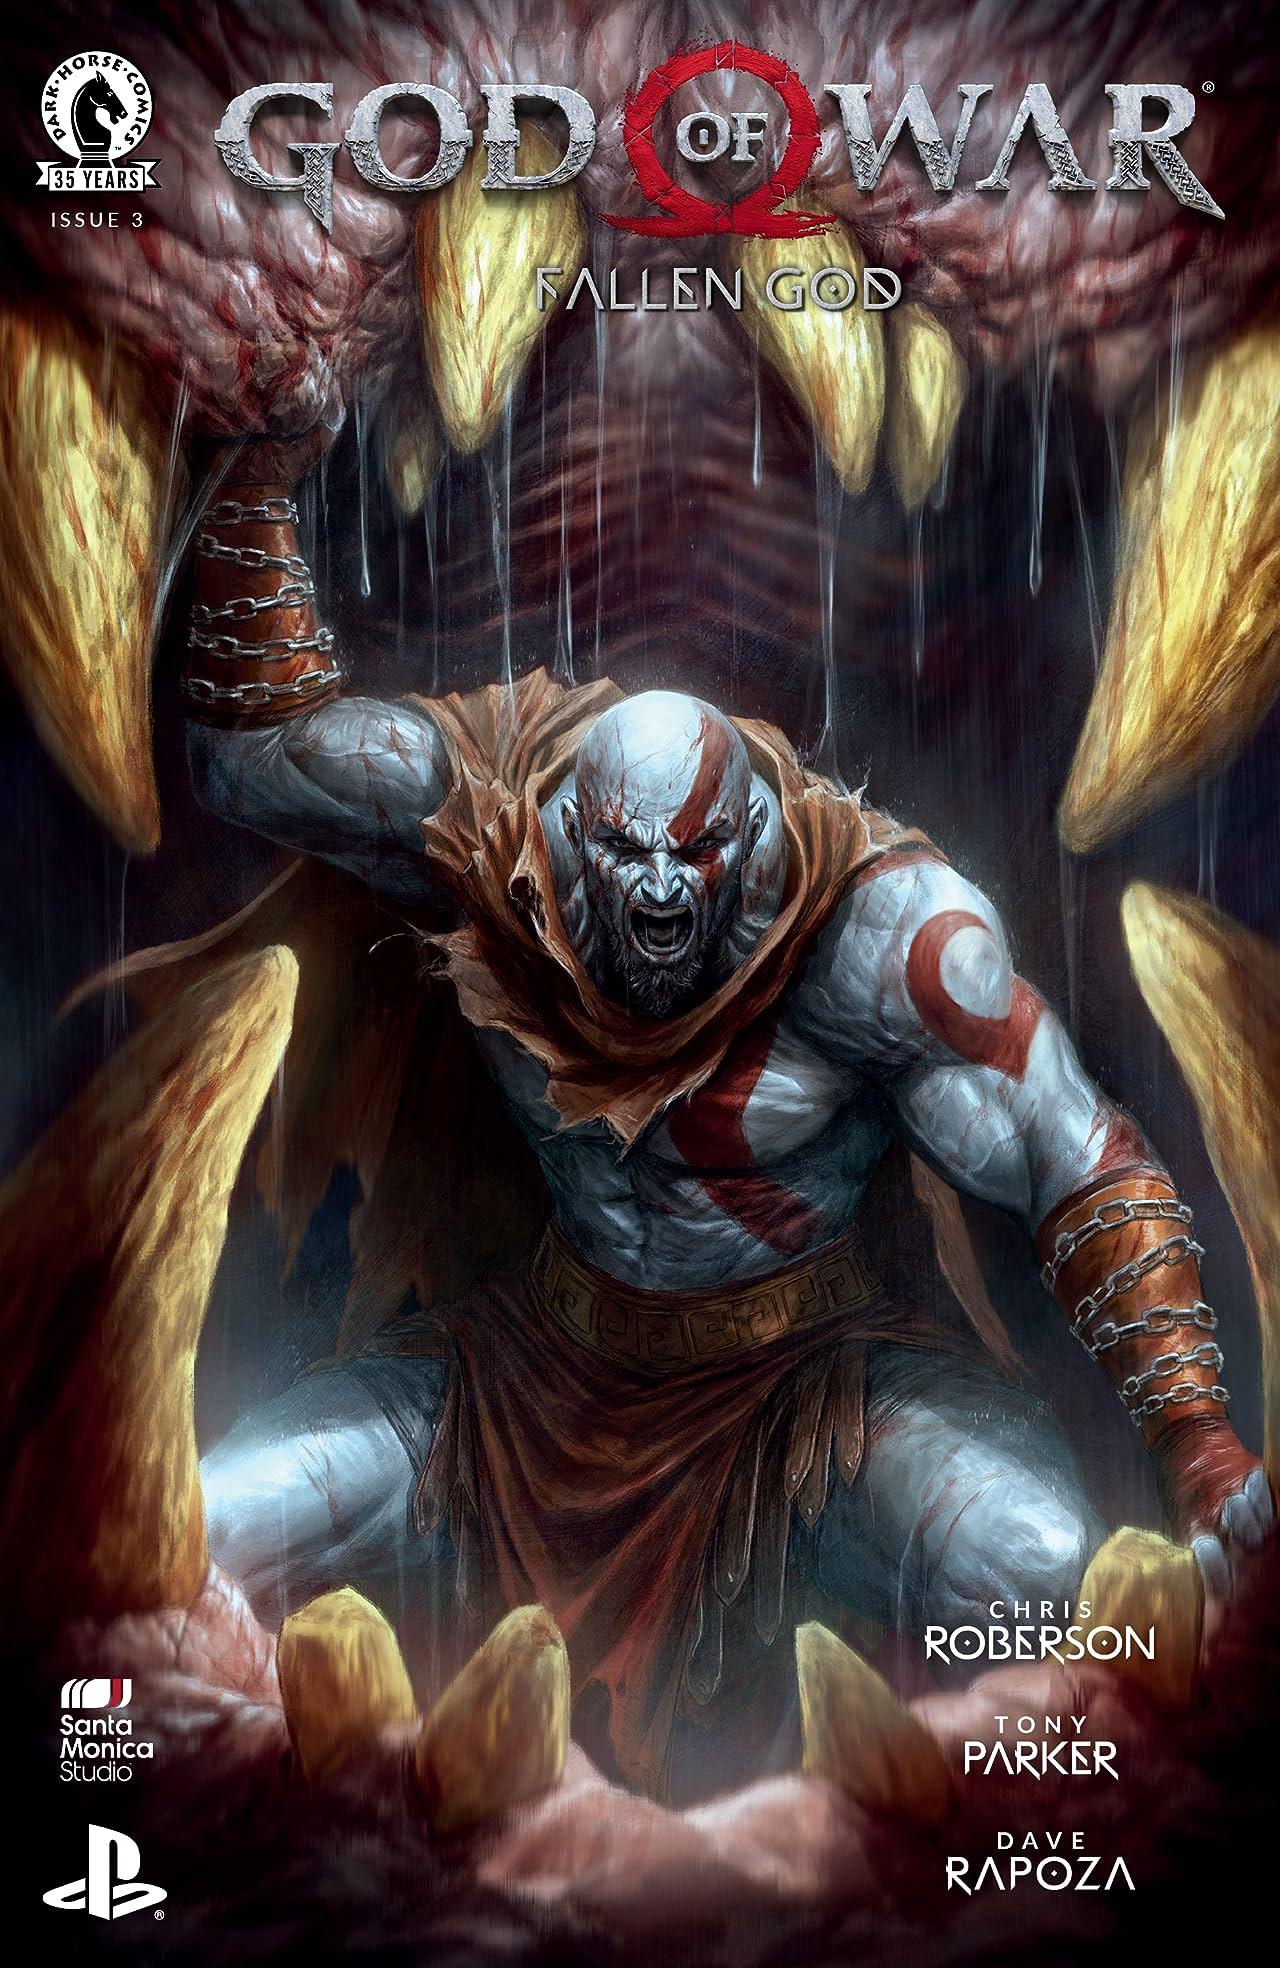 God of War: Fallen God No.3